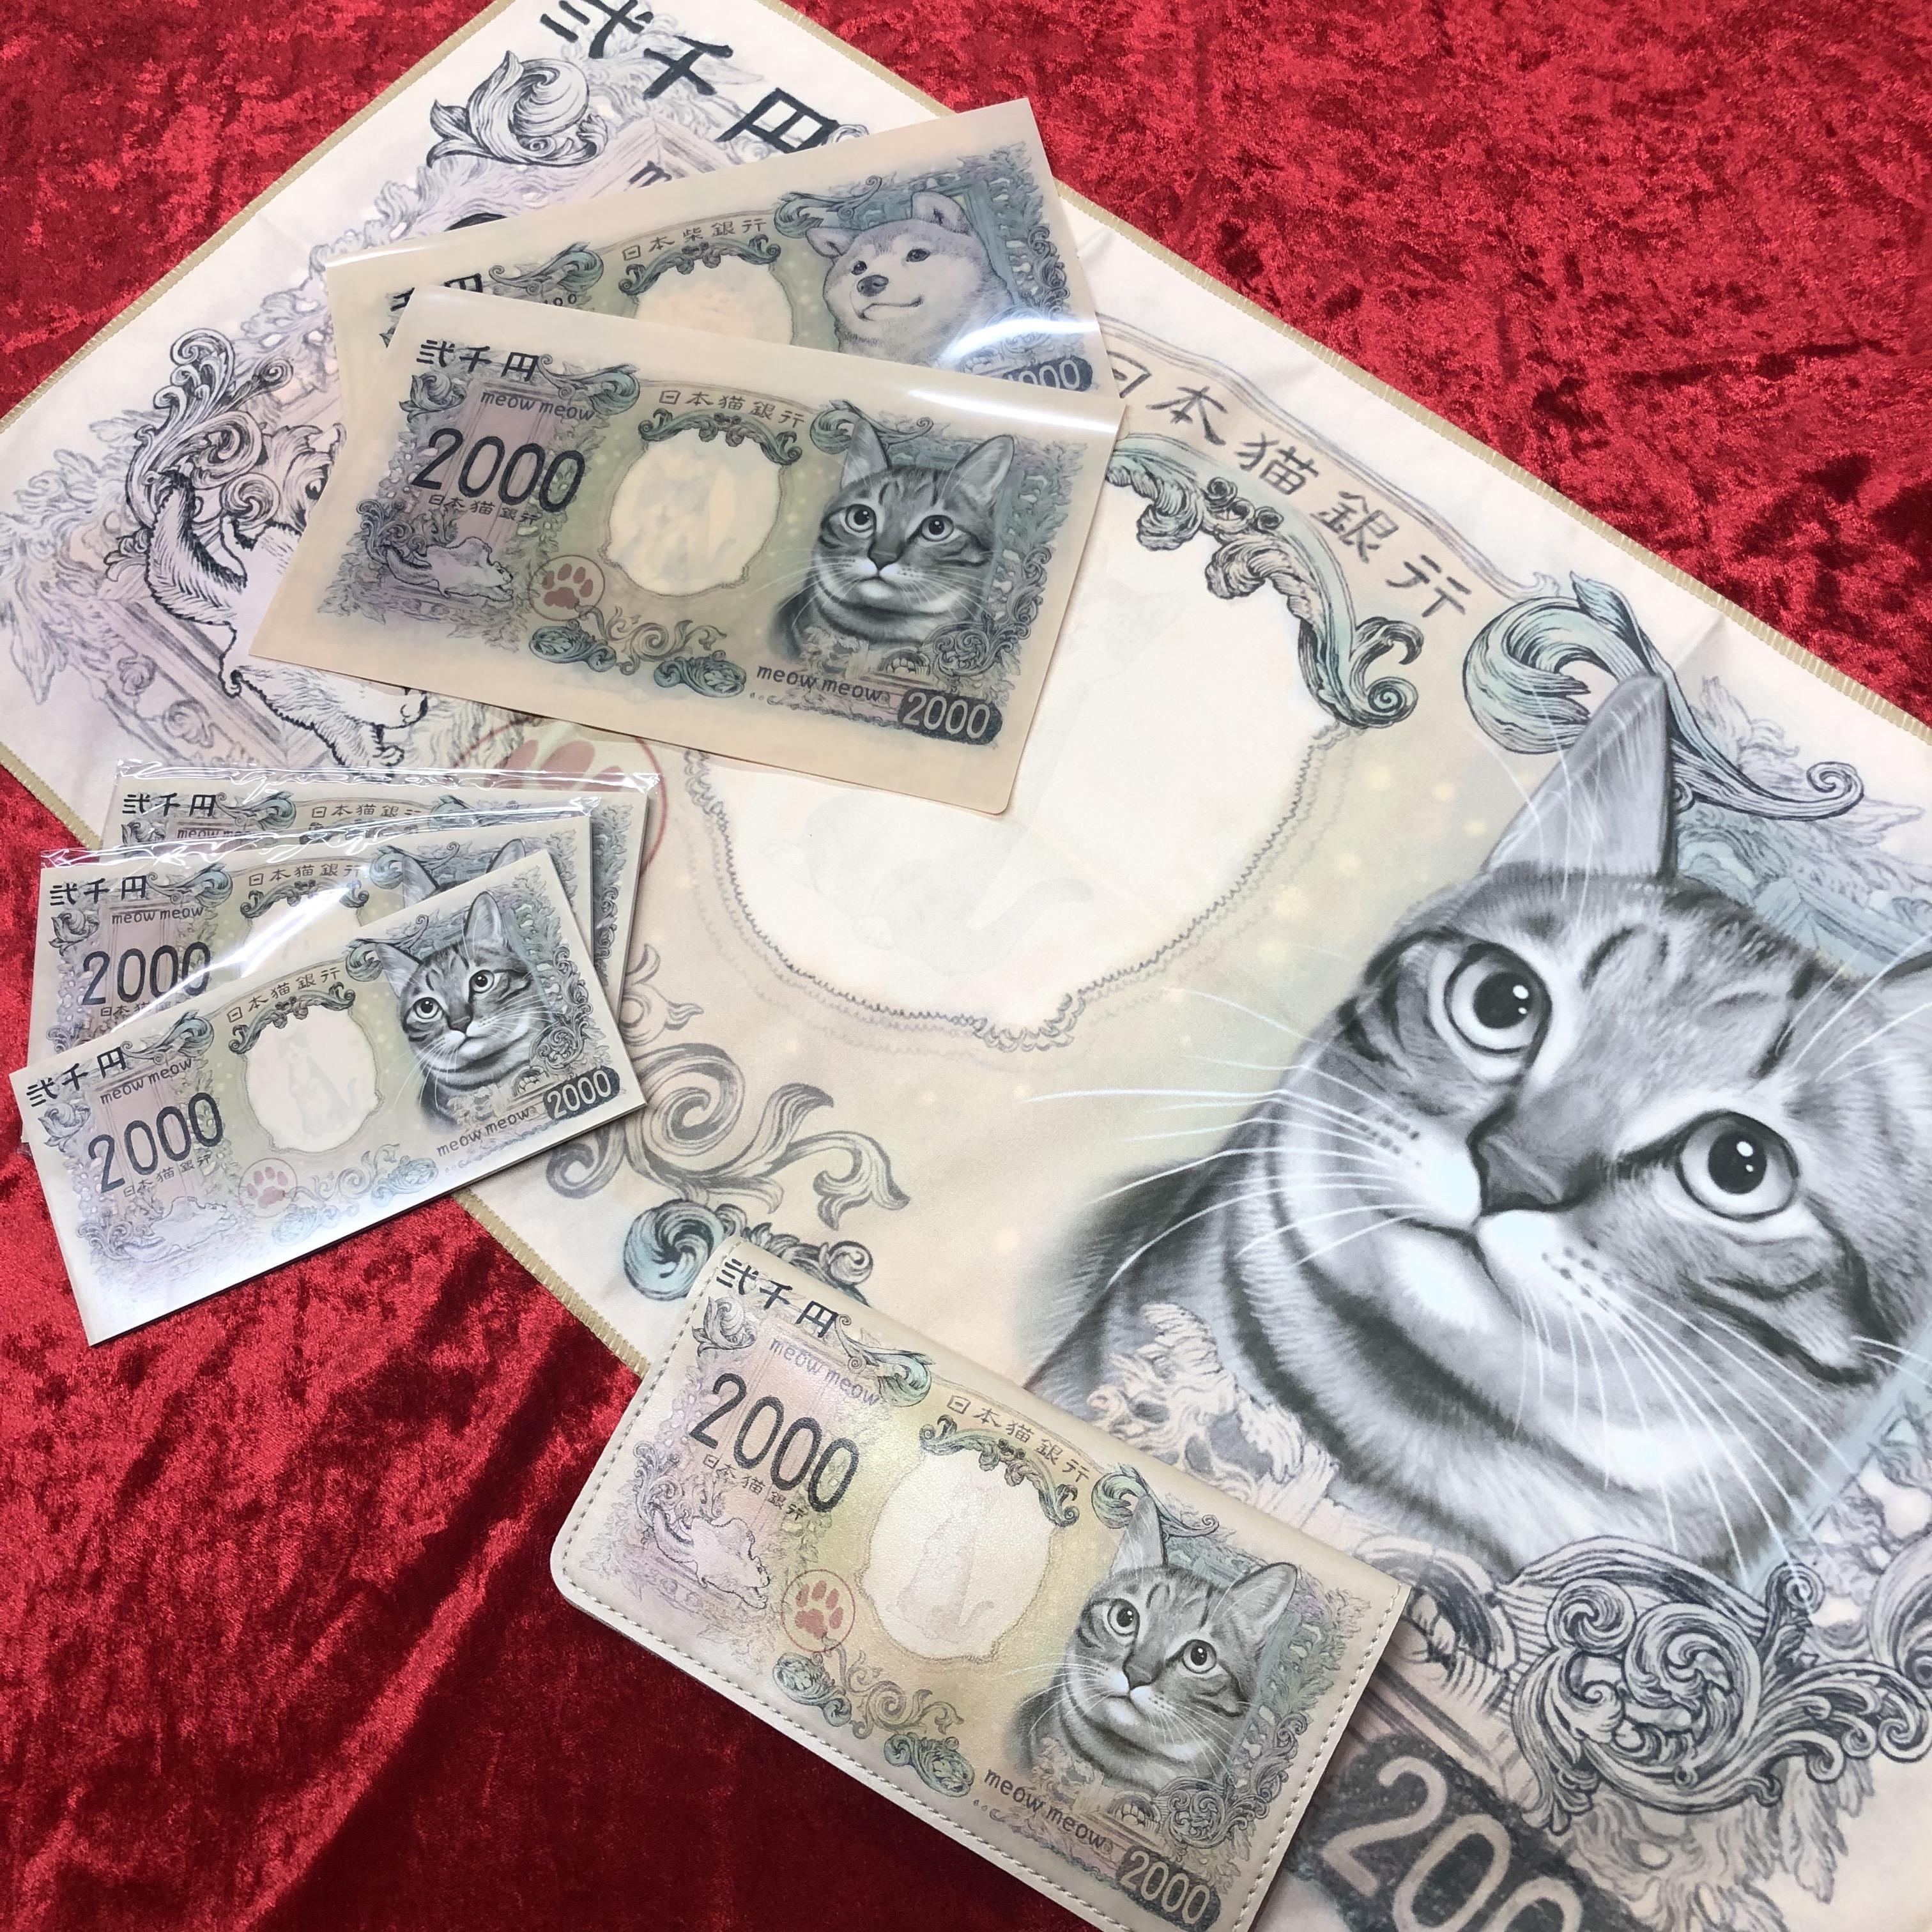 【 お財布に続きタオルも再生産決定!】大反響!猫のお札グッズ、お届け準備整いました。